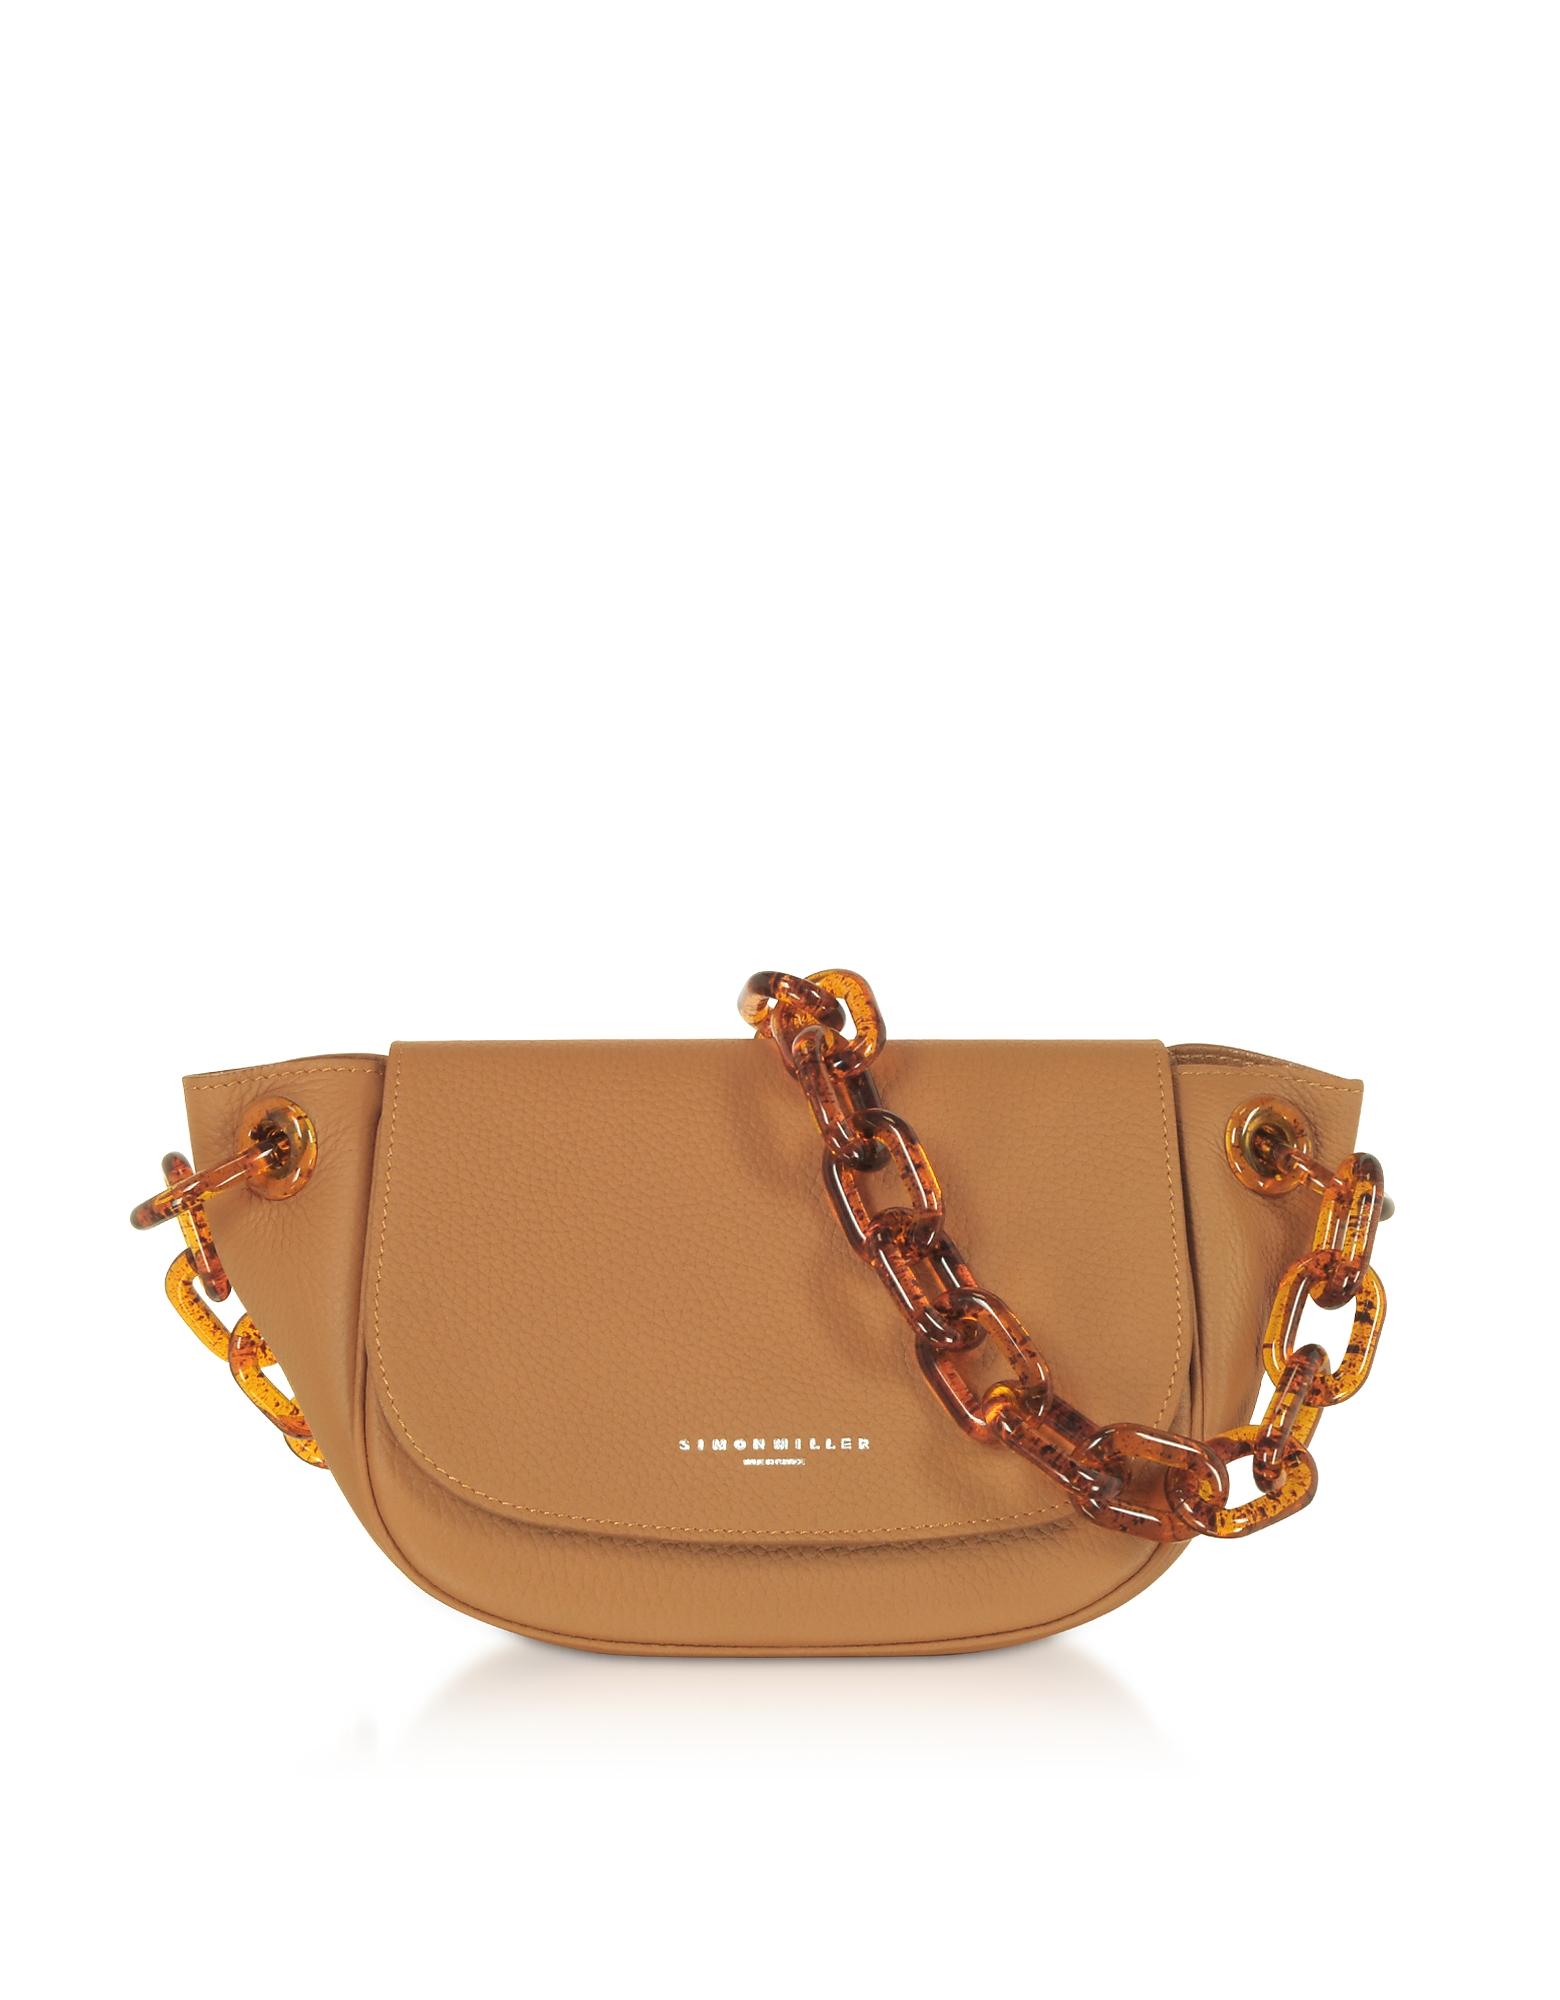 Simon Miller Designer Handbags, Grained Leather Bend Bag